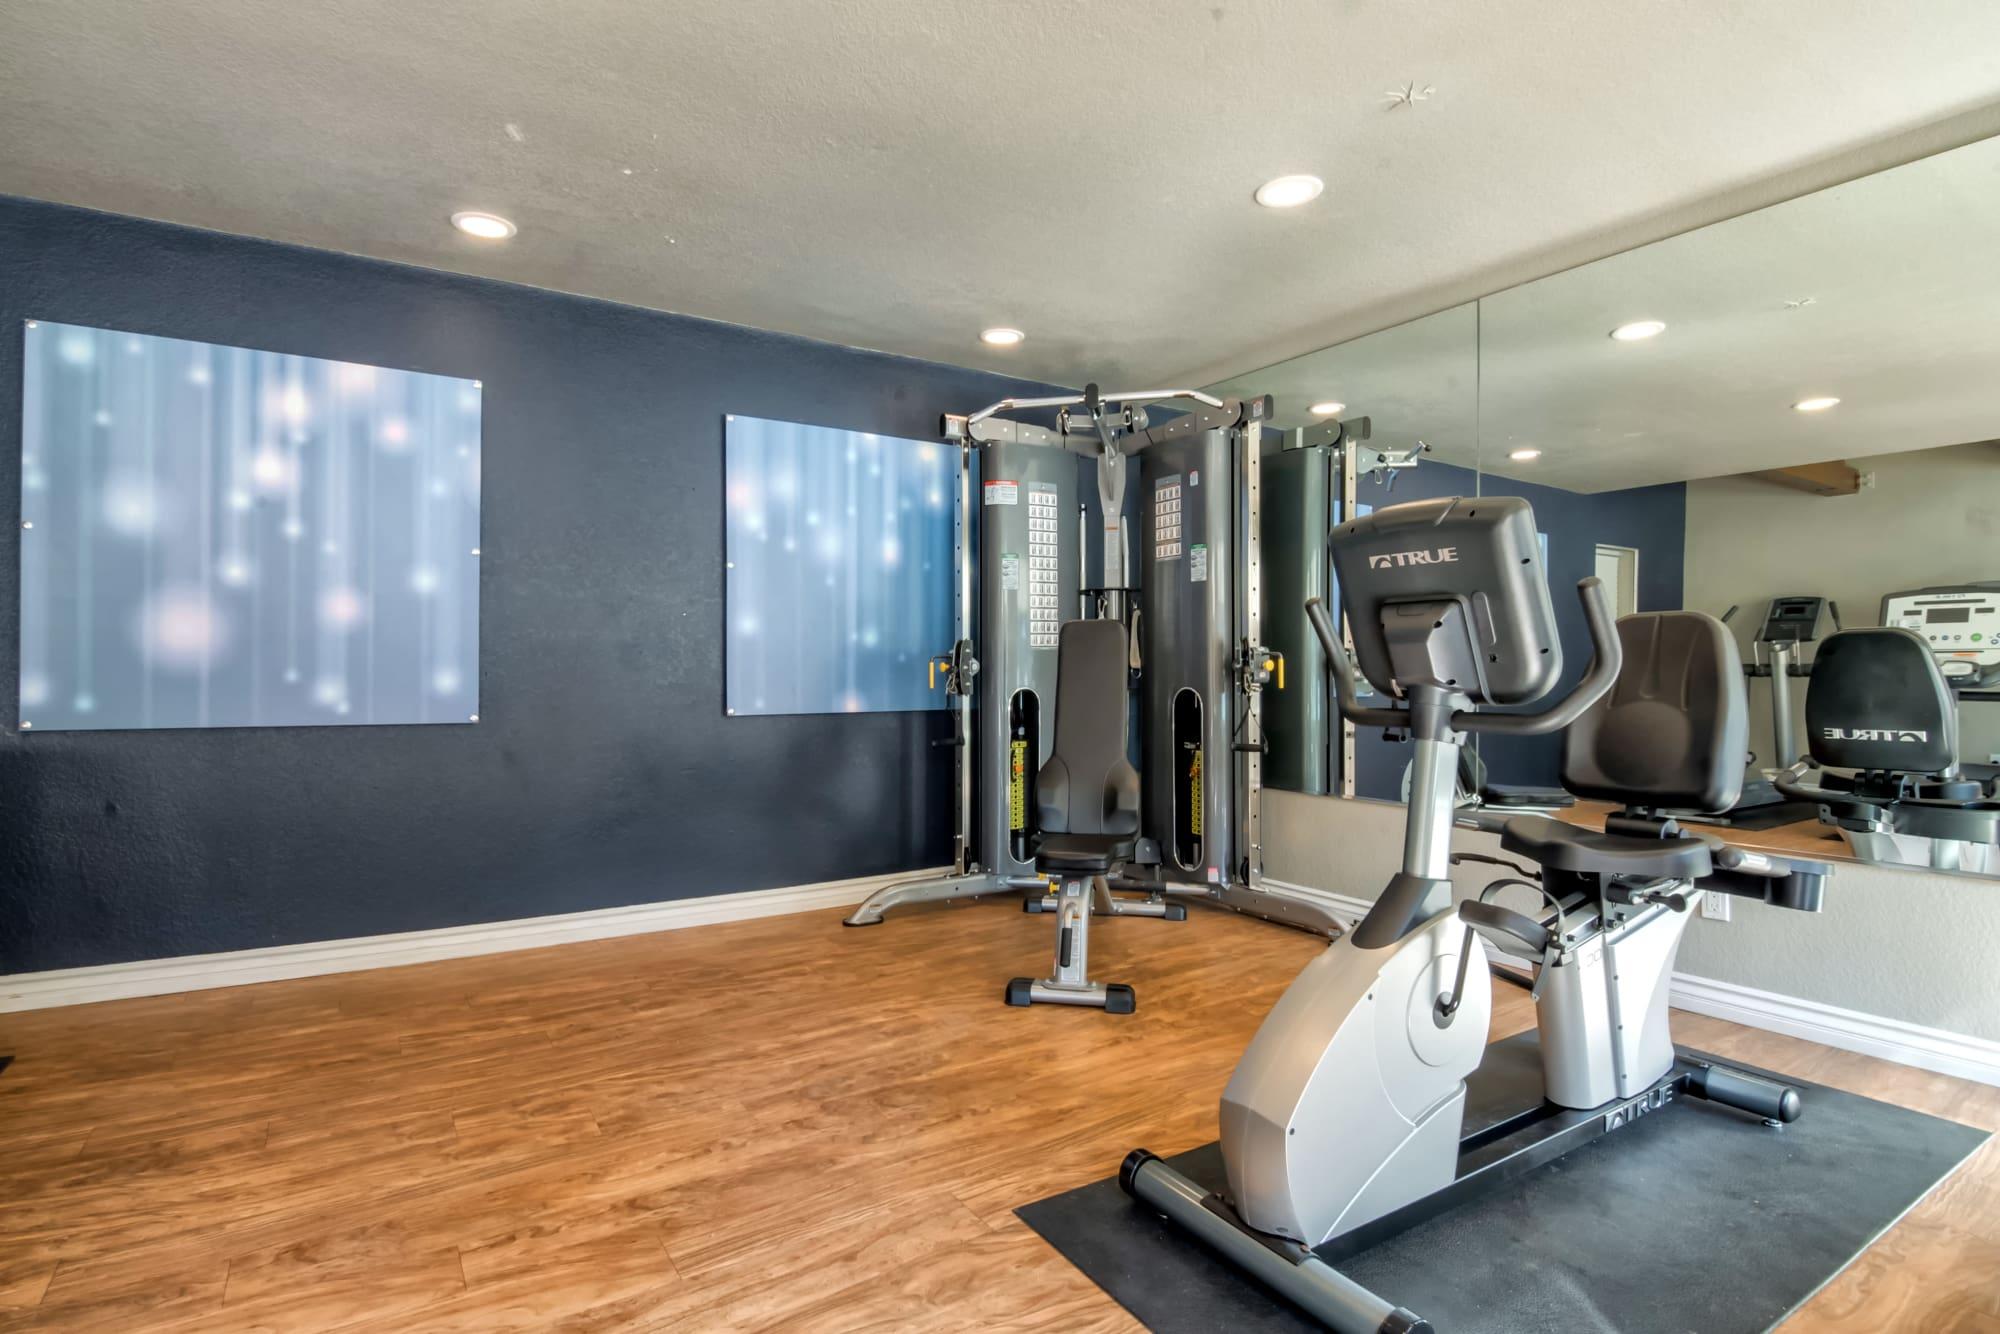 Fitness Center at Terra Nova Villas in Chula Vista, CA